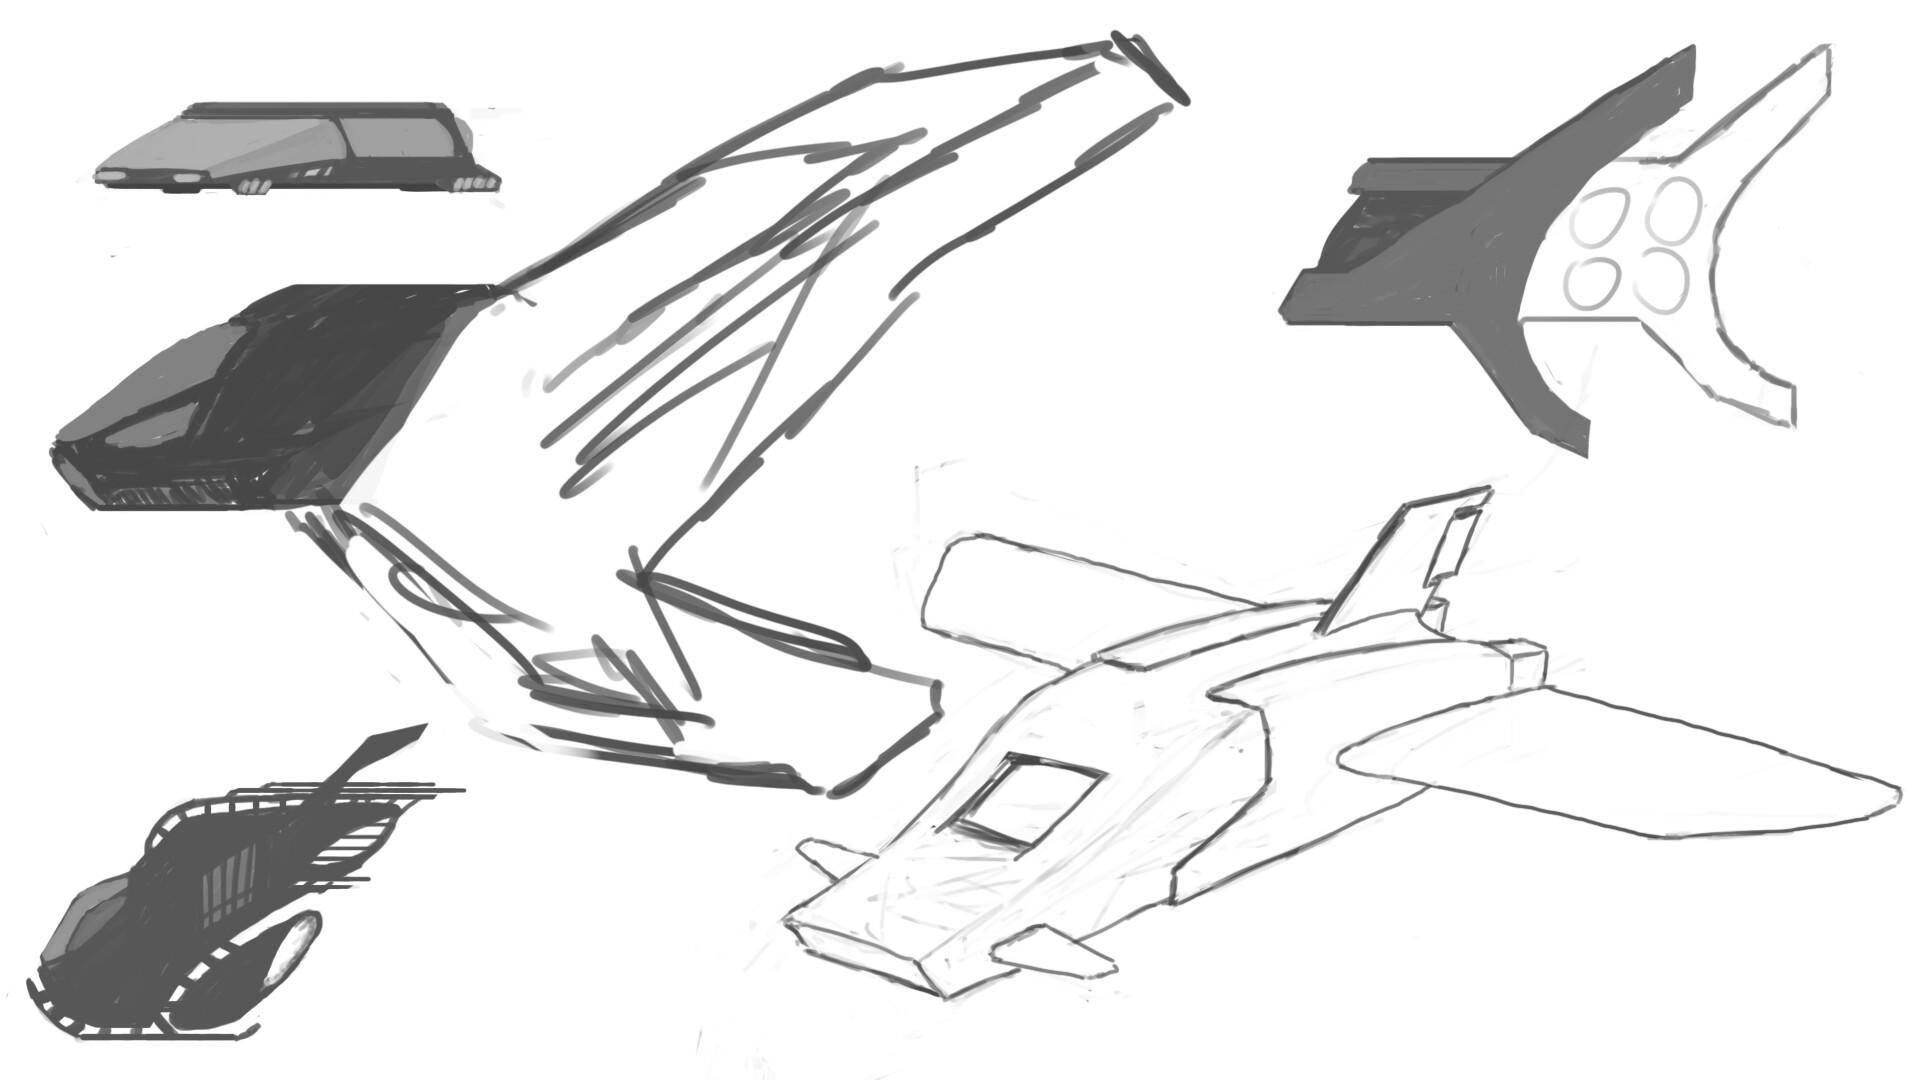 Alexander laheij drawing10 63